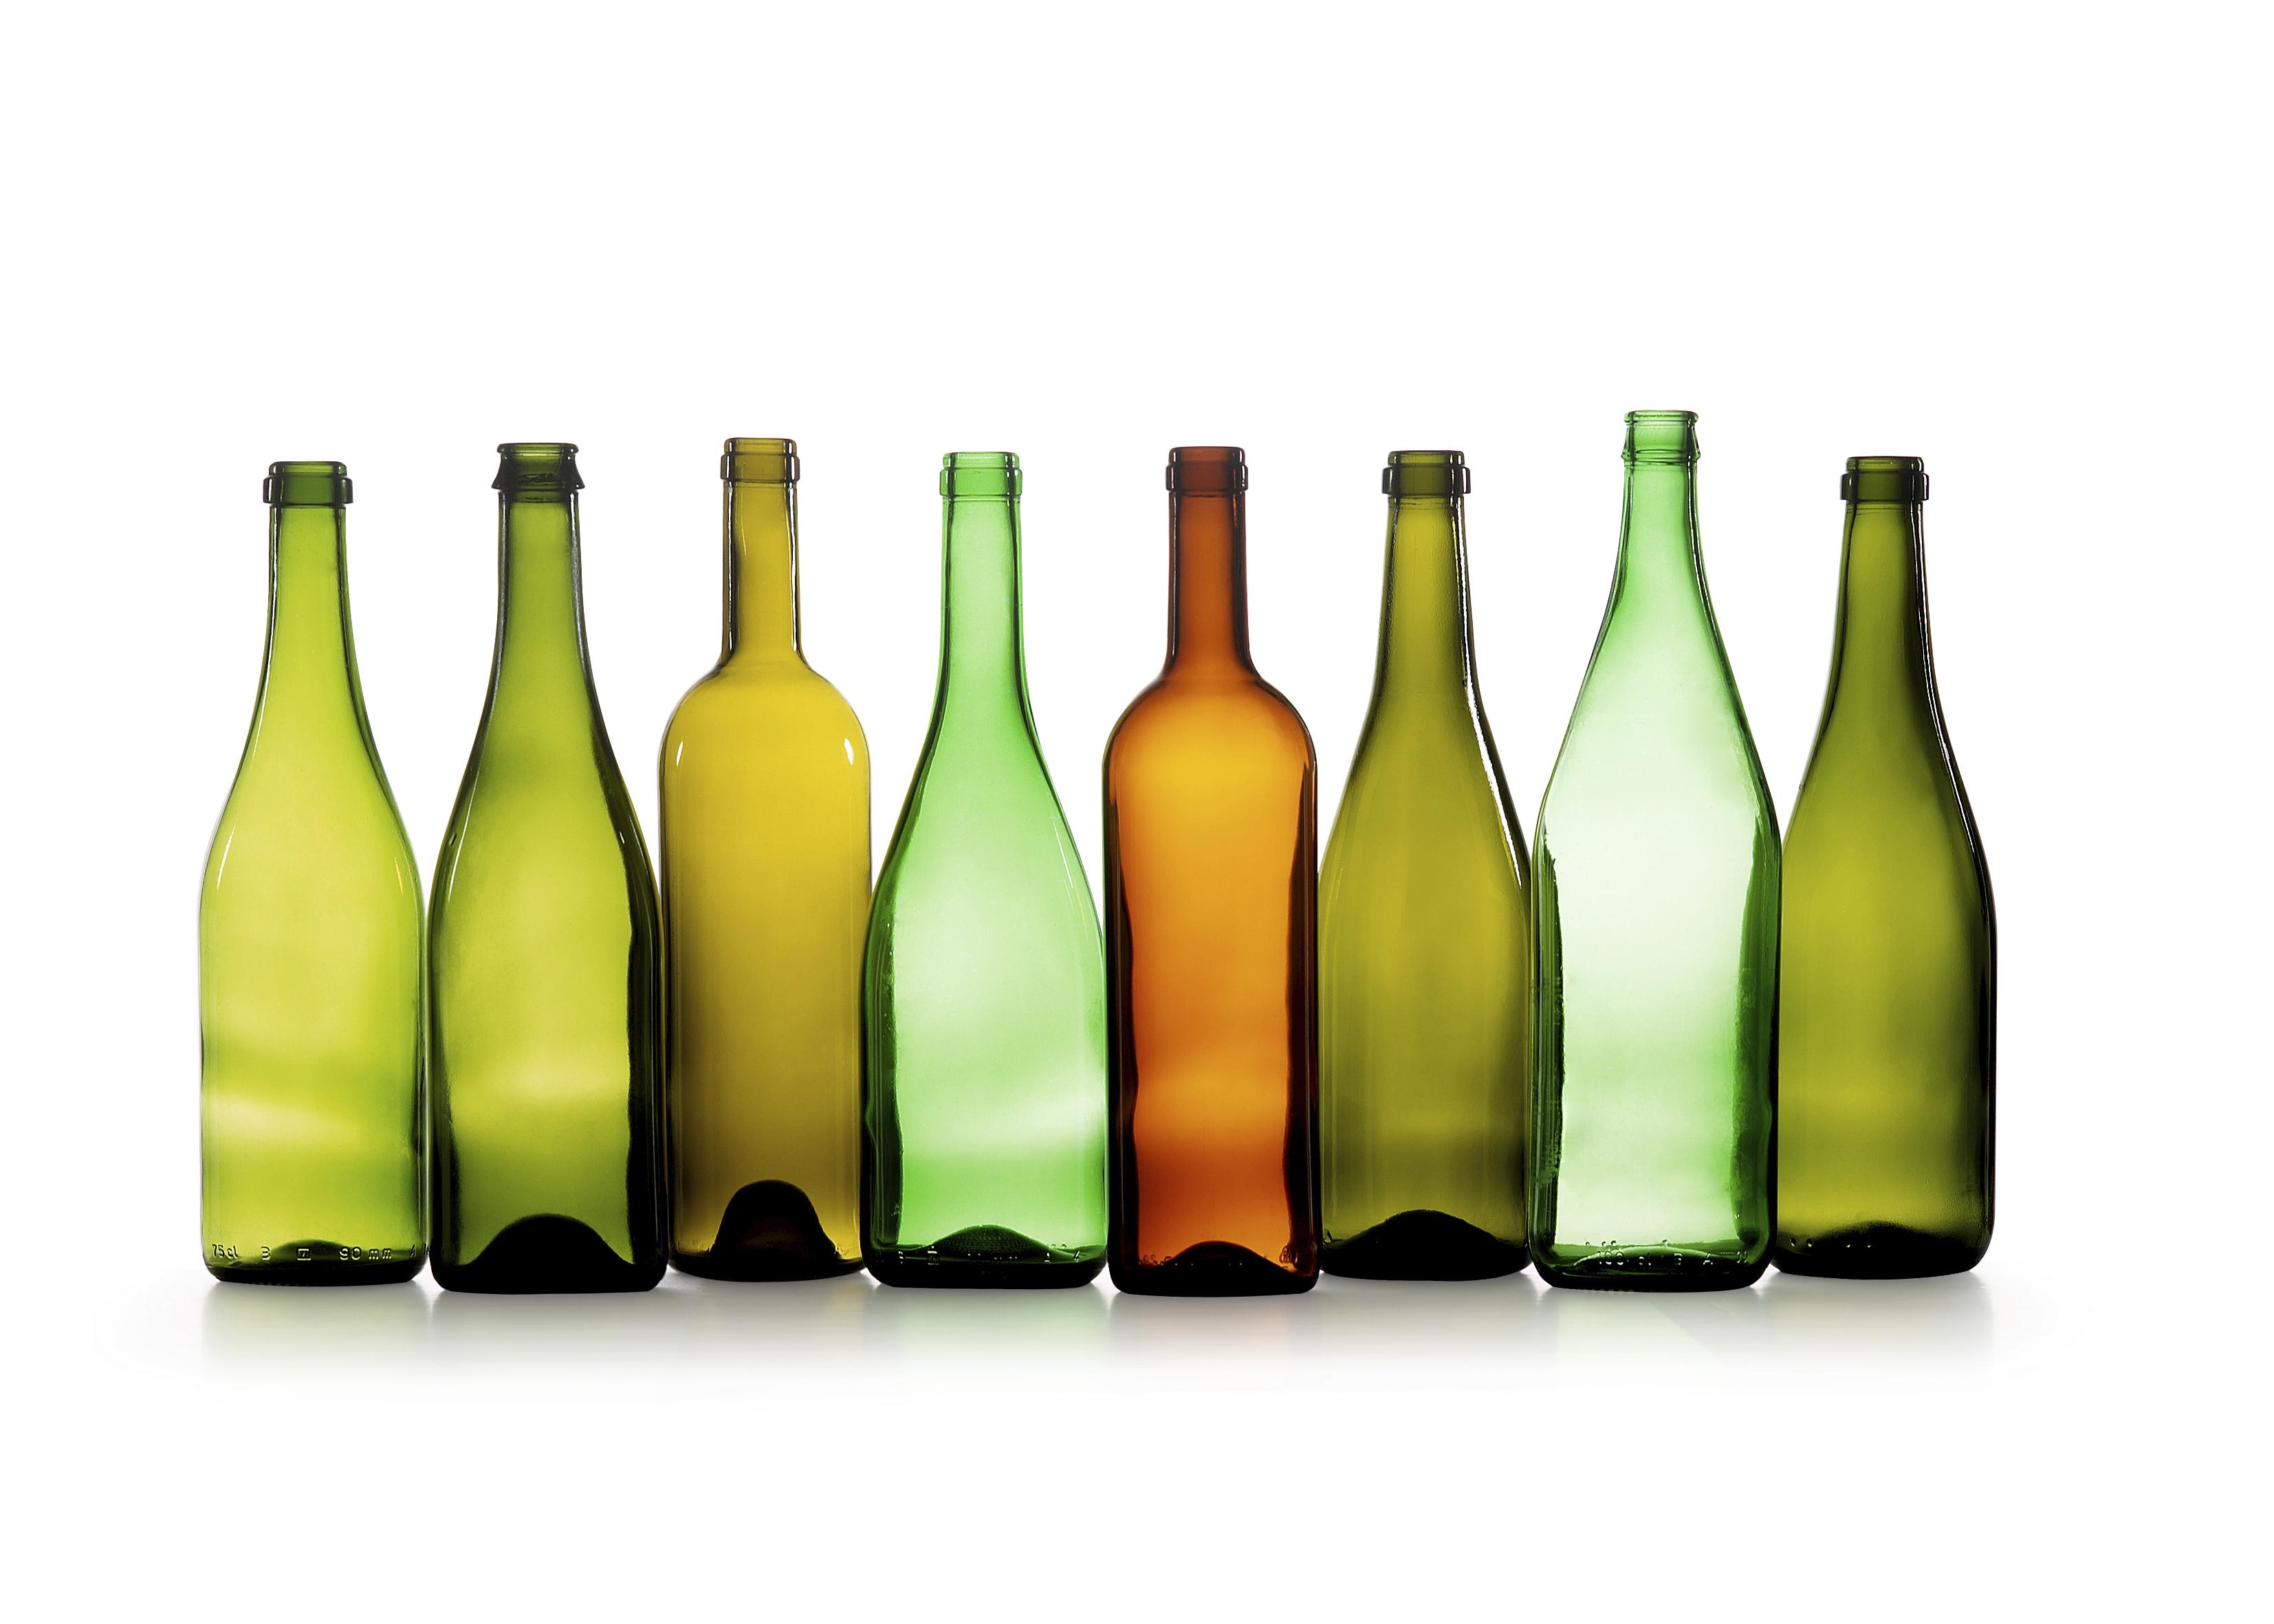 Lampada Con Barattolo Di Vetro : Lampade con bottiglie di vino lampada vasetto vetro with lampade